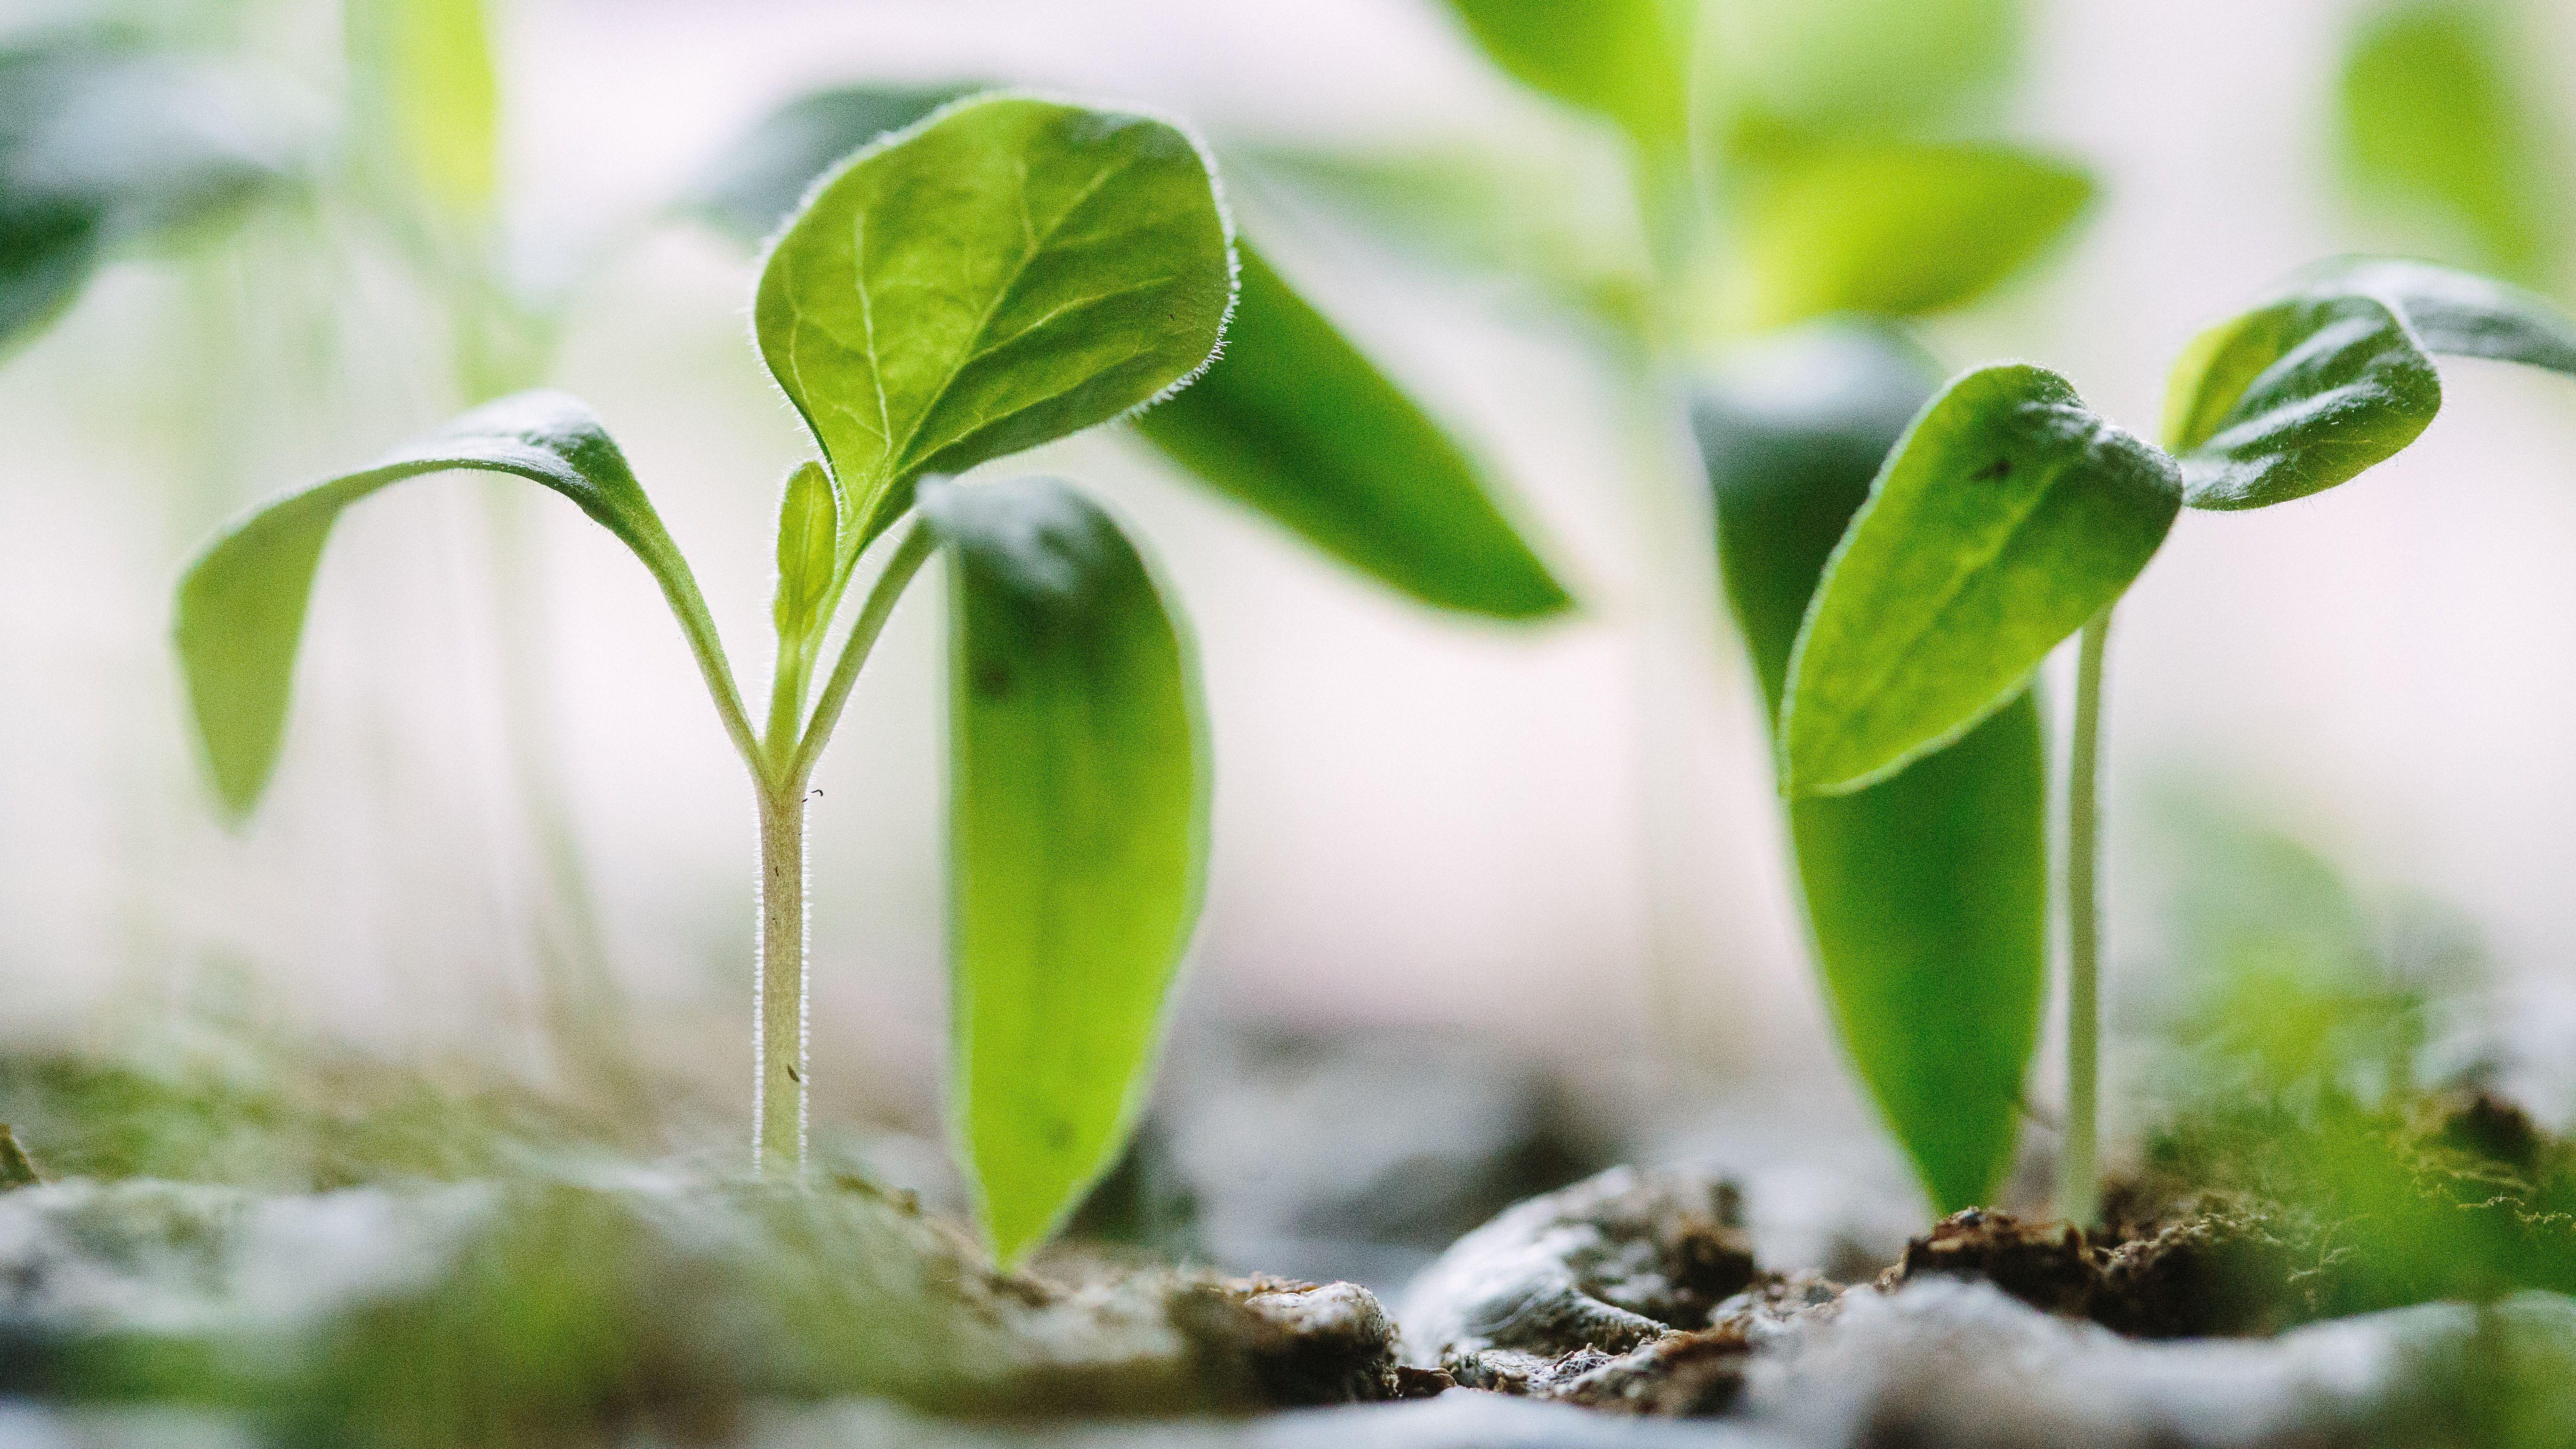 Themendossier 2/2020: Aktuelle Zahlen und Fakten zur Nachhaltigkeit in der Finanzbranche